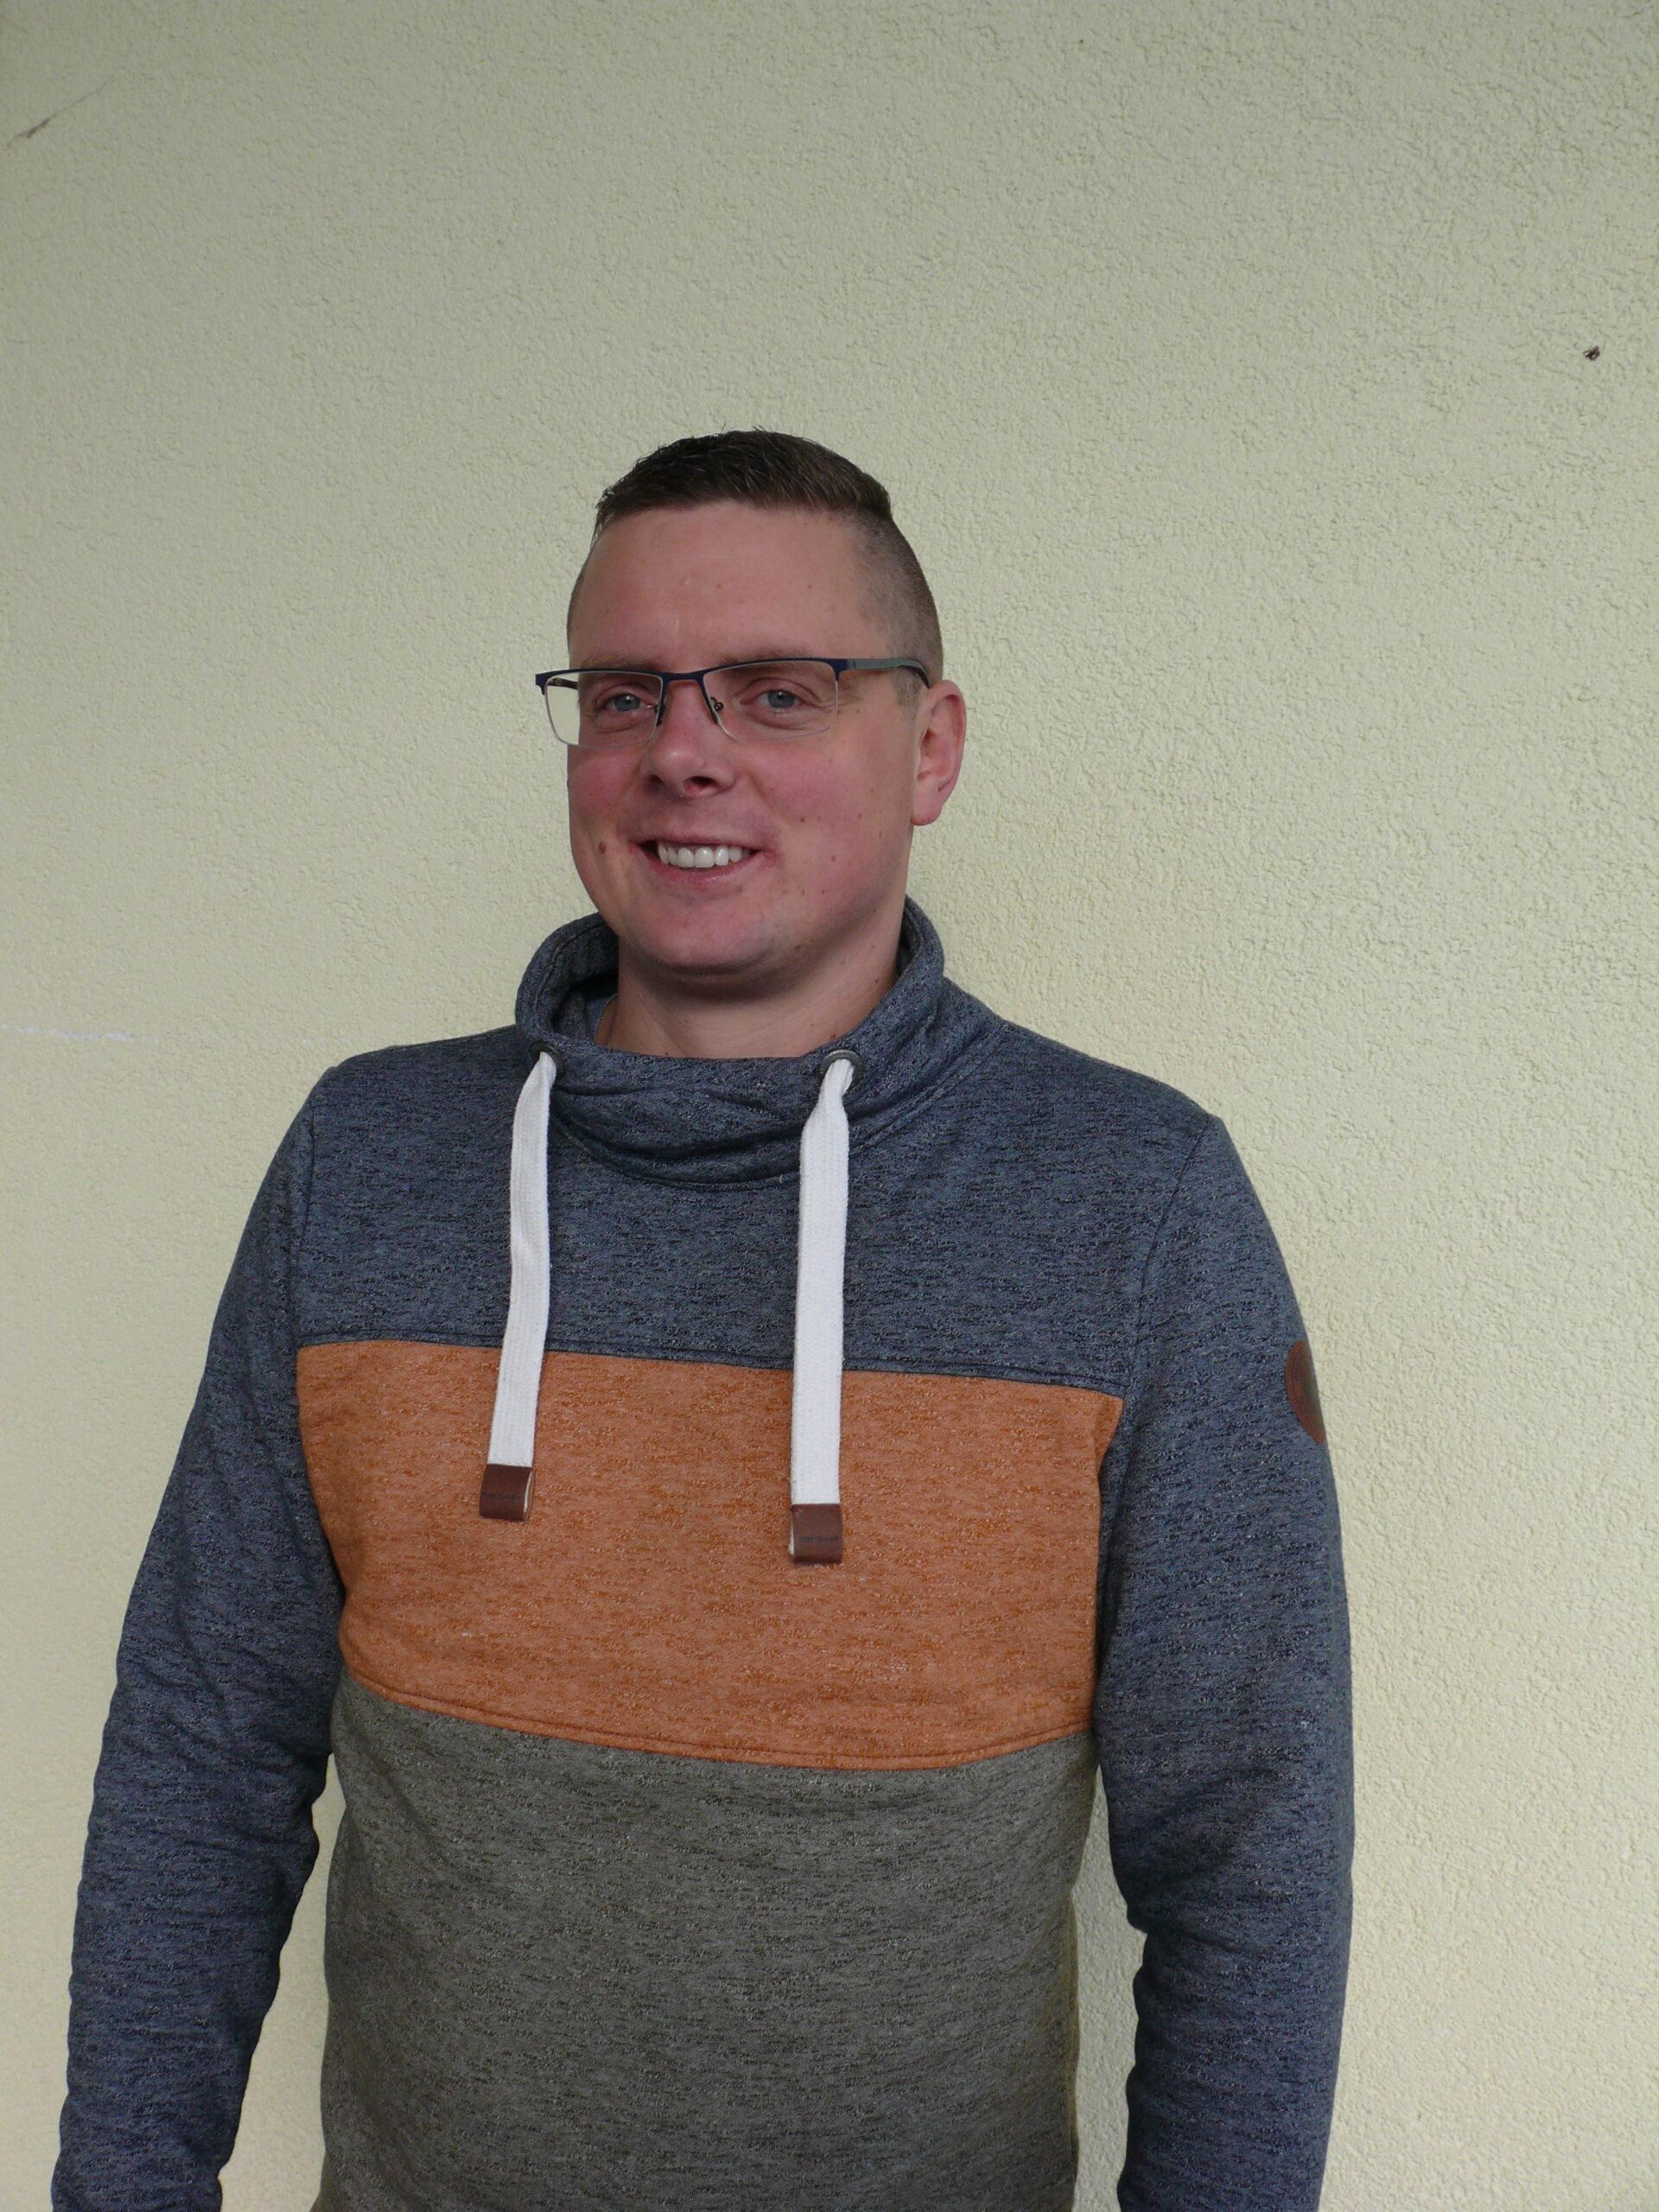 Tobias Dieterle